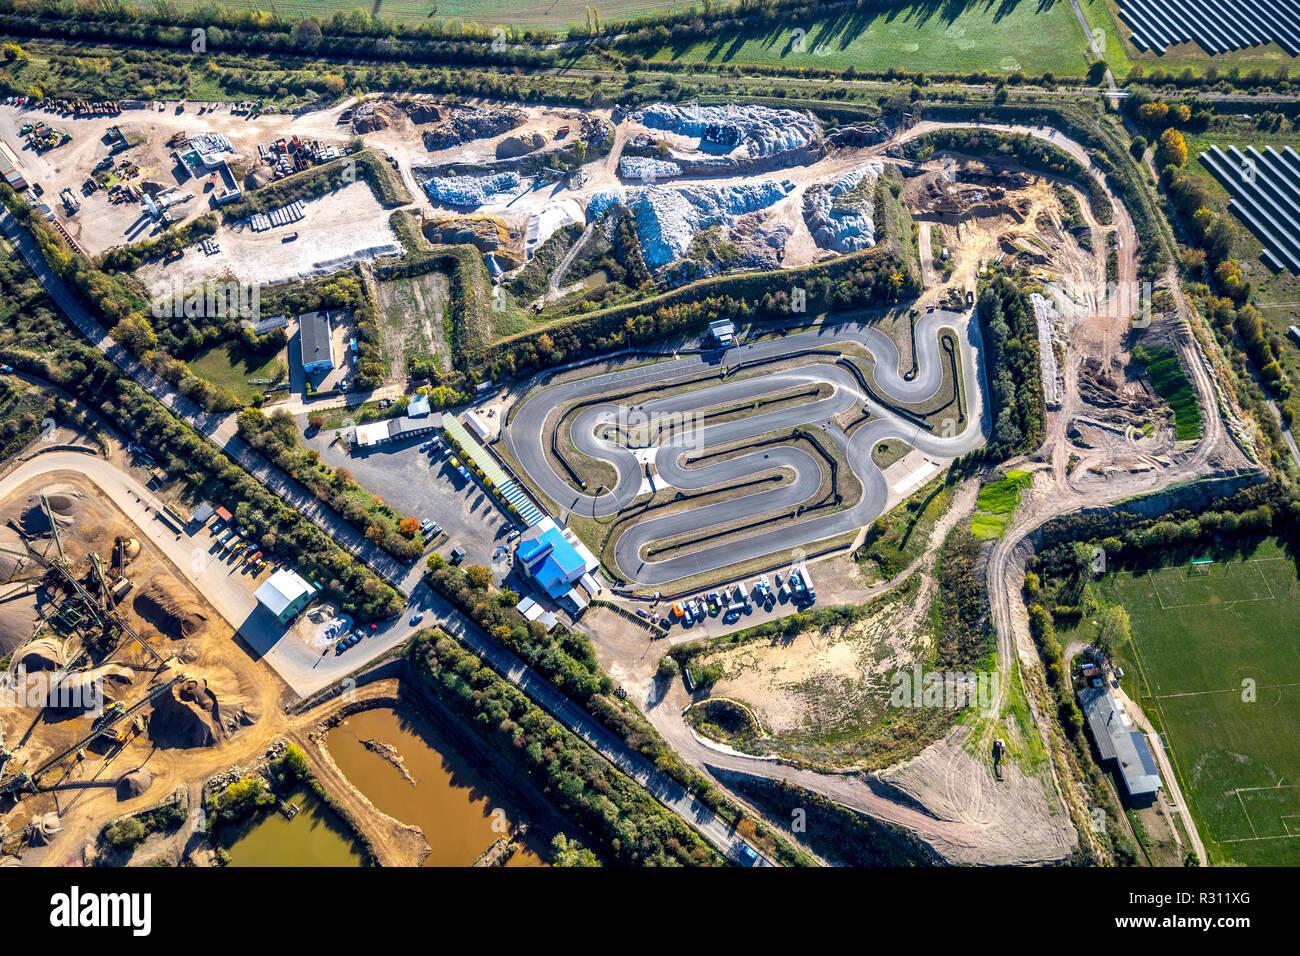 Luftbild, Motorsportanlage Harz-Ring, Froser Straße, Reinstedt, Landkreis Goslar, Sachsen-Anhalt, Deutschland, Europa, DEU, birds-eyes view, Luftaufna - Stock Image